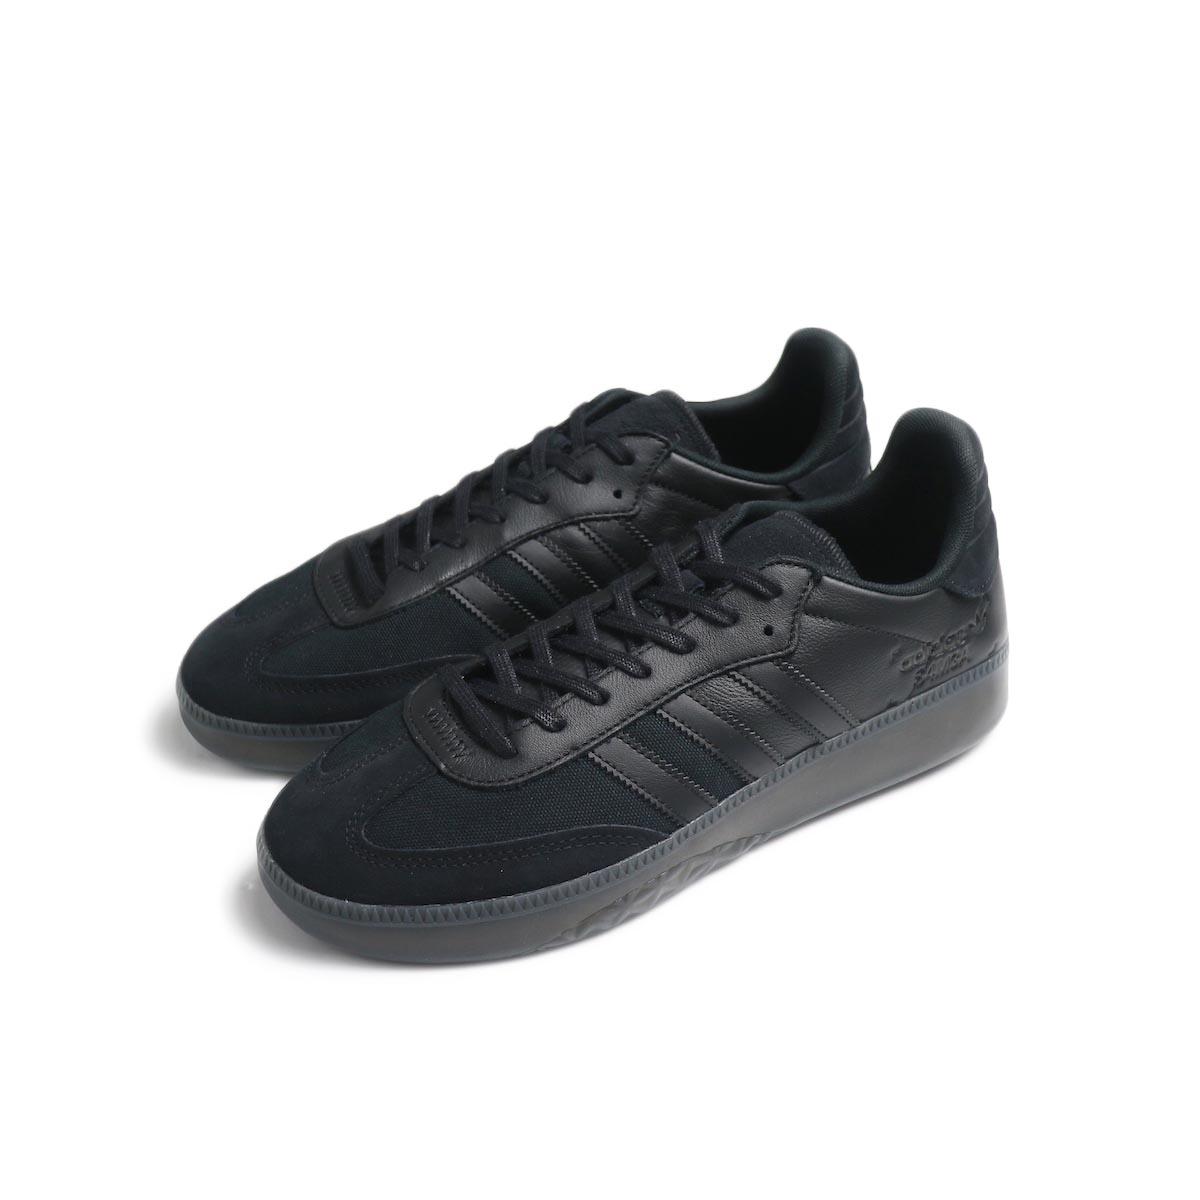 adidas originals / SAMBA RM -Black